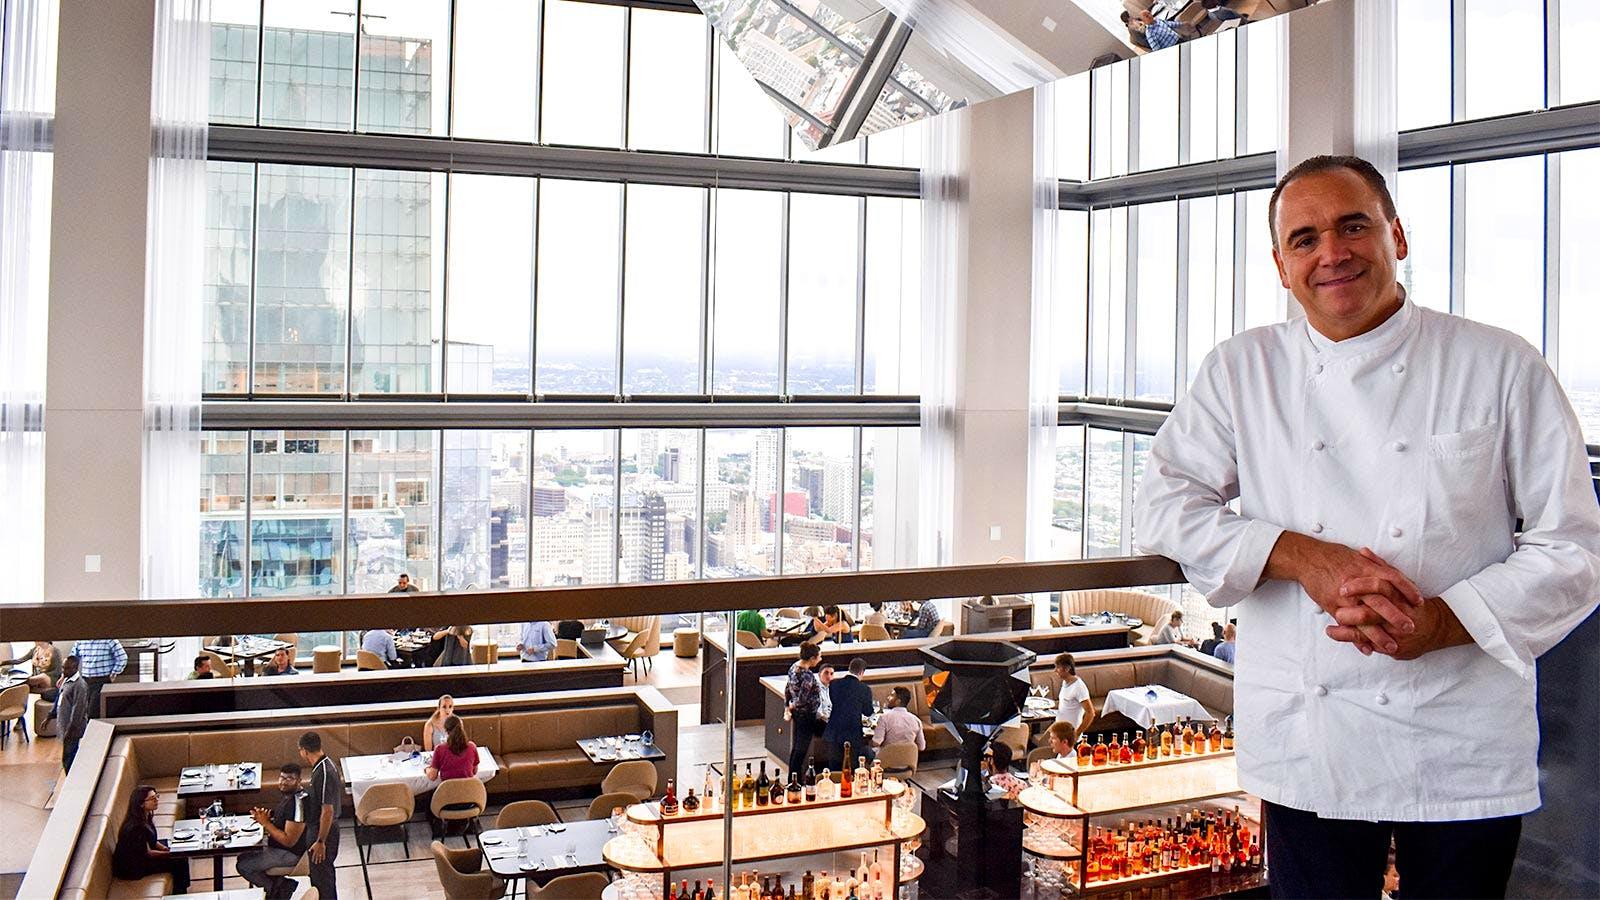 Jean-Georges Vongerichten Opens Restaurant with a Philadelphia View